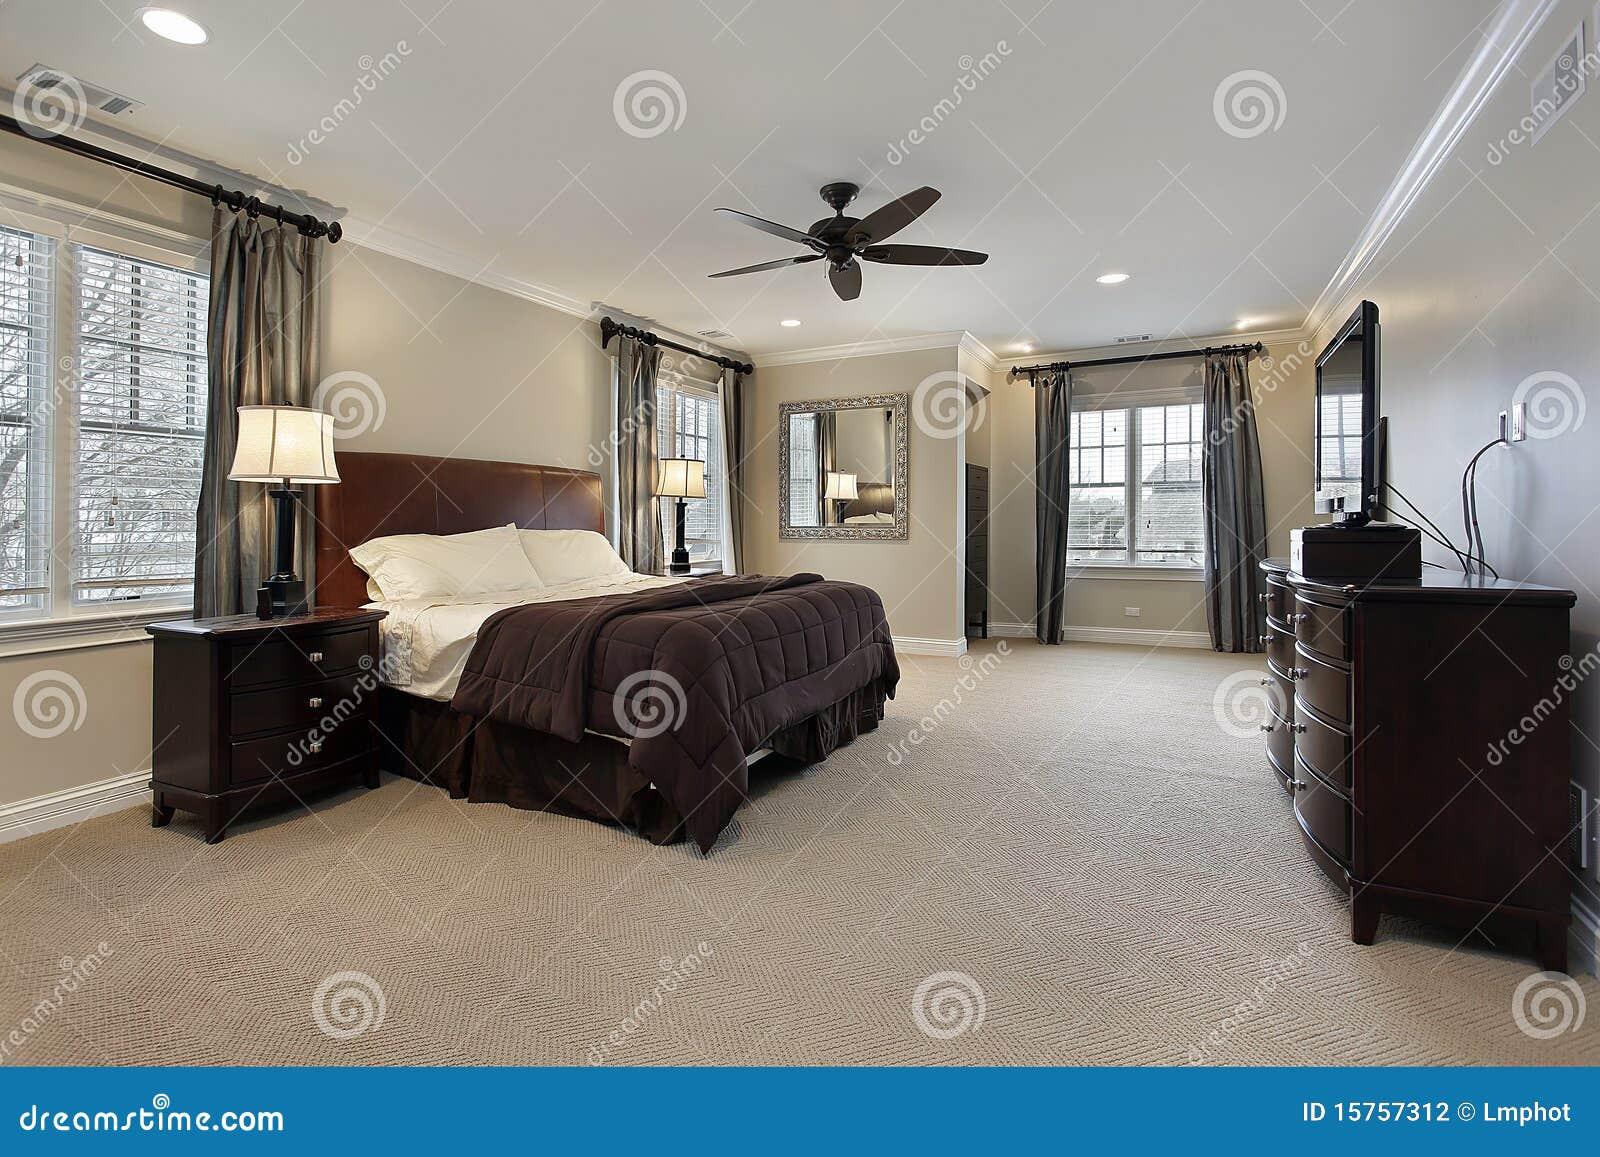 Chambre A Coucher Avec Les Meubles En Bois Fonces Image Stock